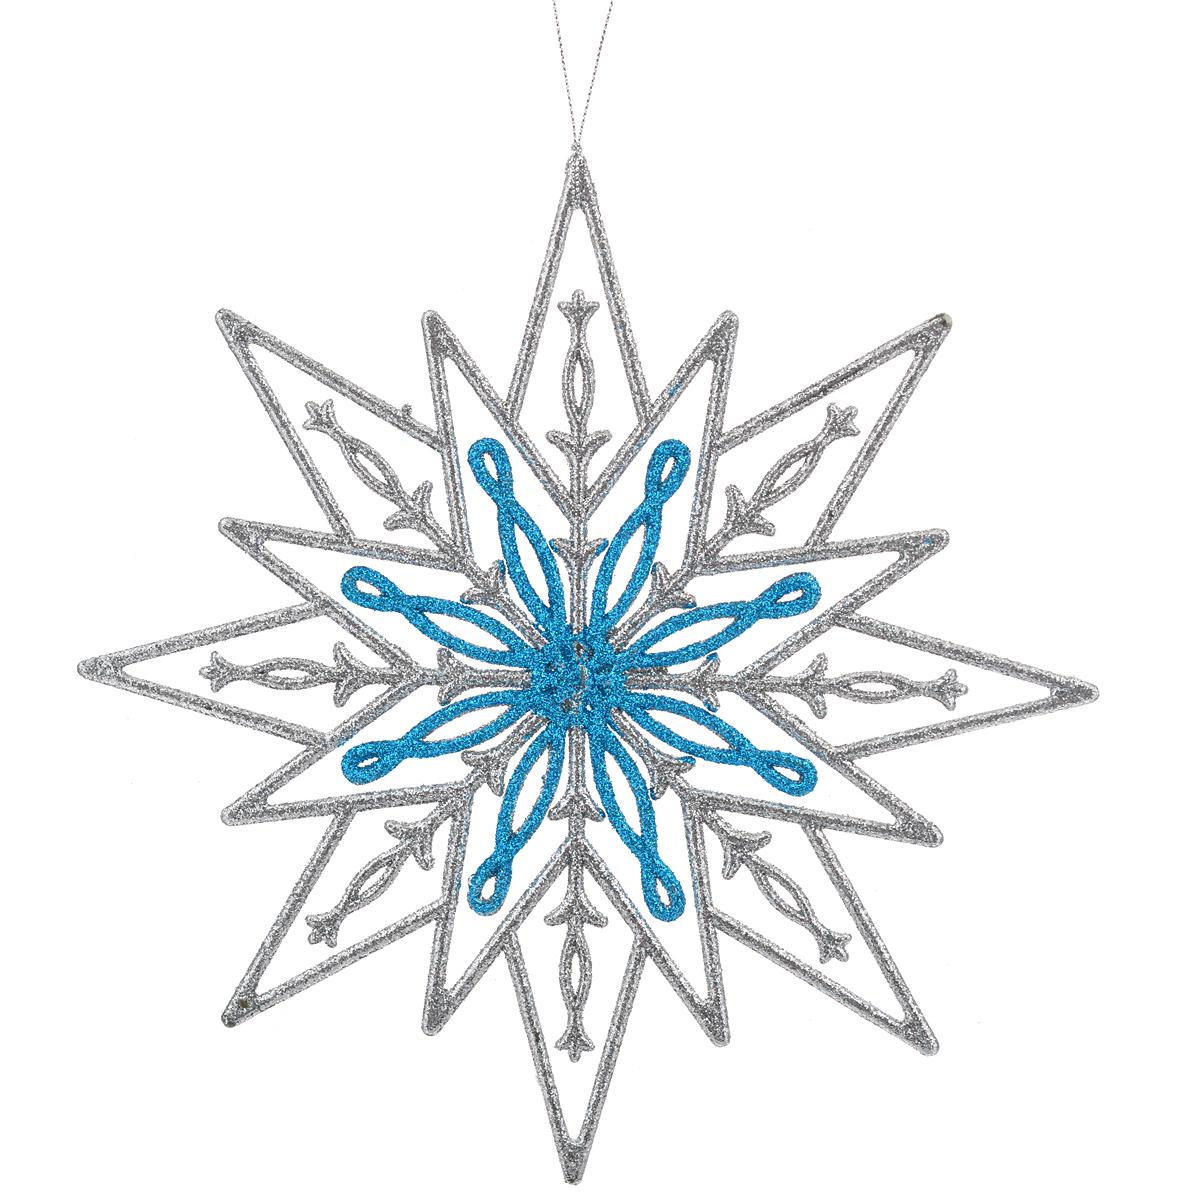 Новогоднее подвесное украшение Феникс-Презент Снежинка. 3499734997Оригинальное новогоднее украшение Феникс-Презент из пластика прекрасно подойдет для праздничного декора дома и новогодней ели. Изделие крепится на елку с помощью веревки.